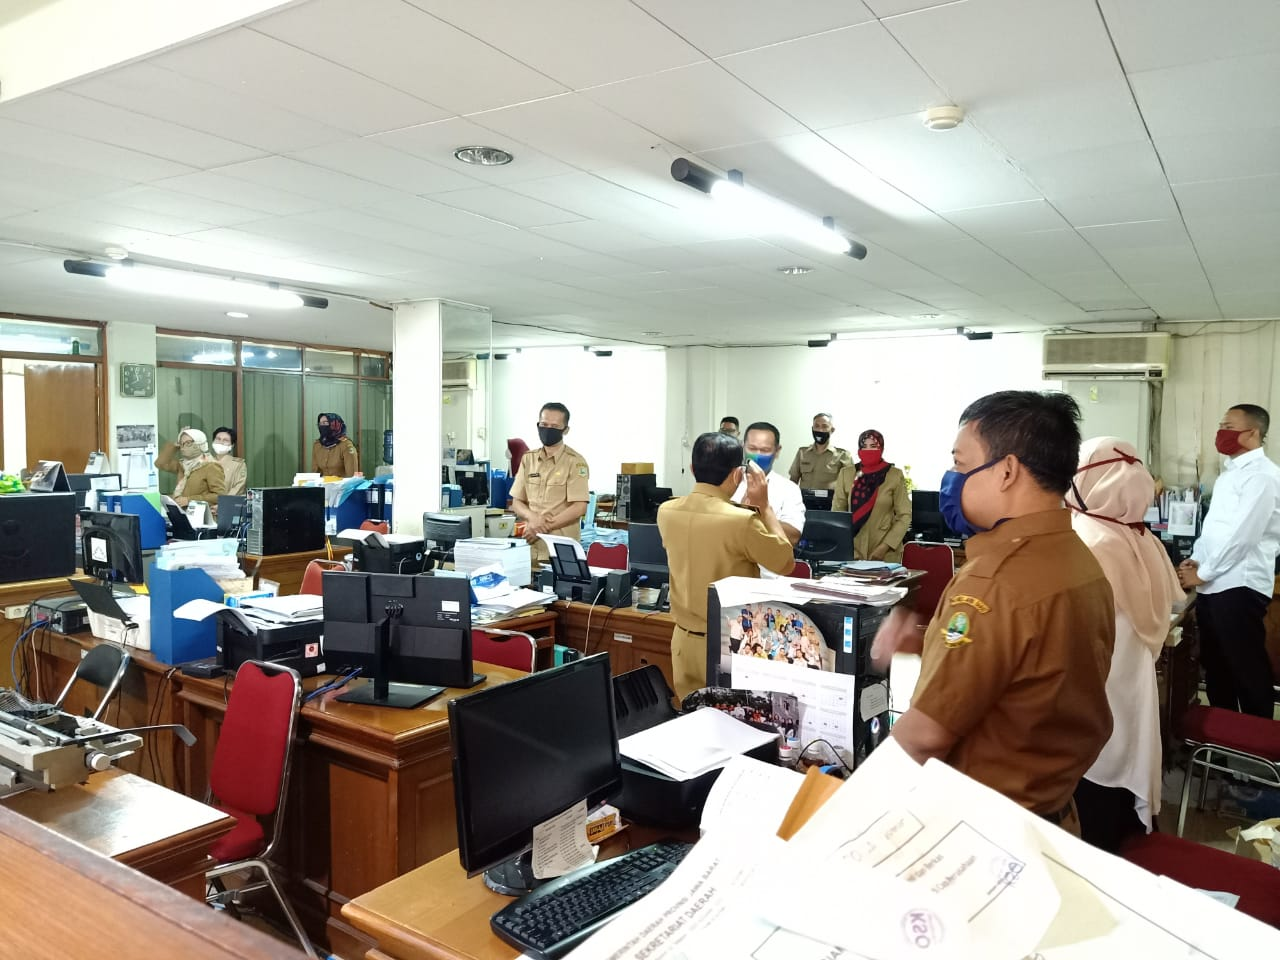 Pemerintah Potong Cuti Bersama dari 7 menjadi 2 Hari, Berikut Daftarnya